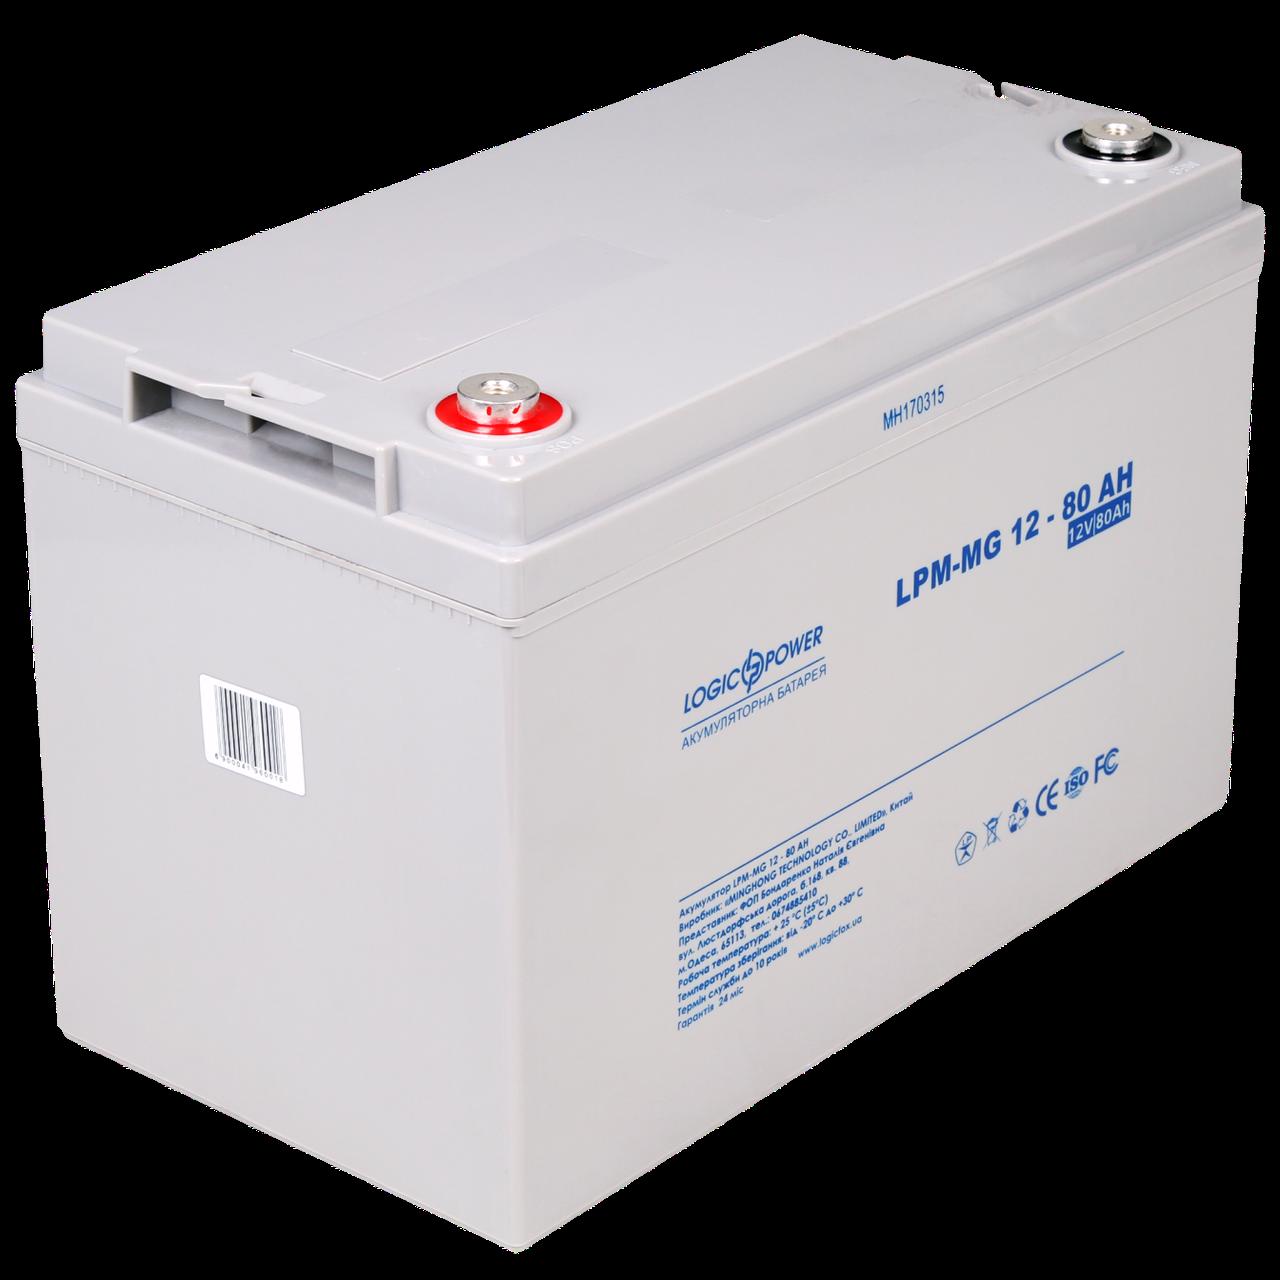 Мультигелевый аккумулятор LogicPower  AGM LPM-MG 12 - 80 AH (12 Вольт, 80 Ач).